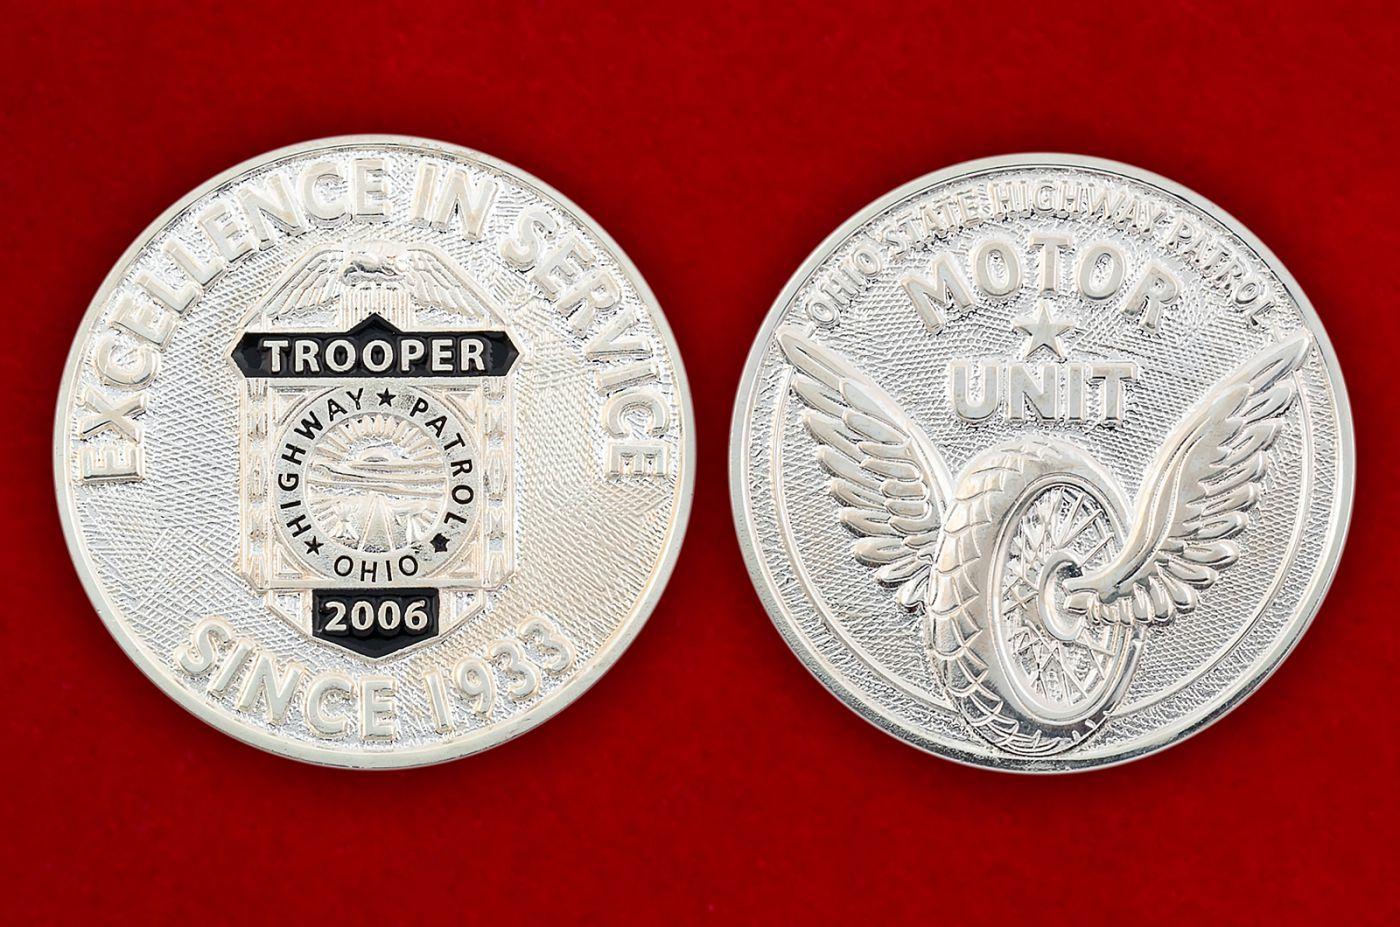 Челлендж коин Дорожного патруля штата Огайо - аверс и реверс